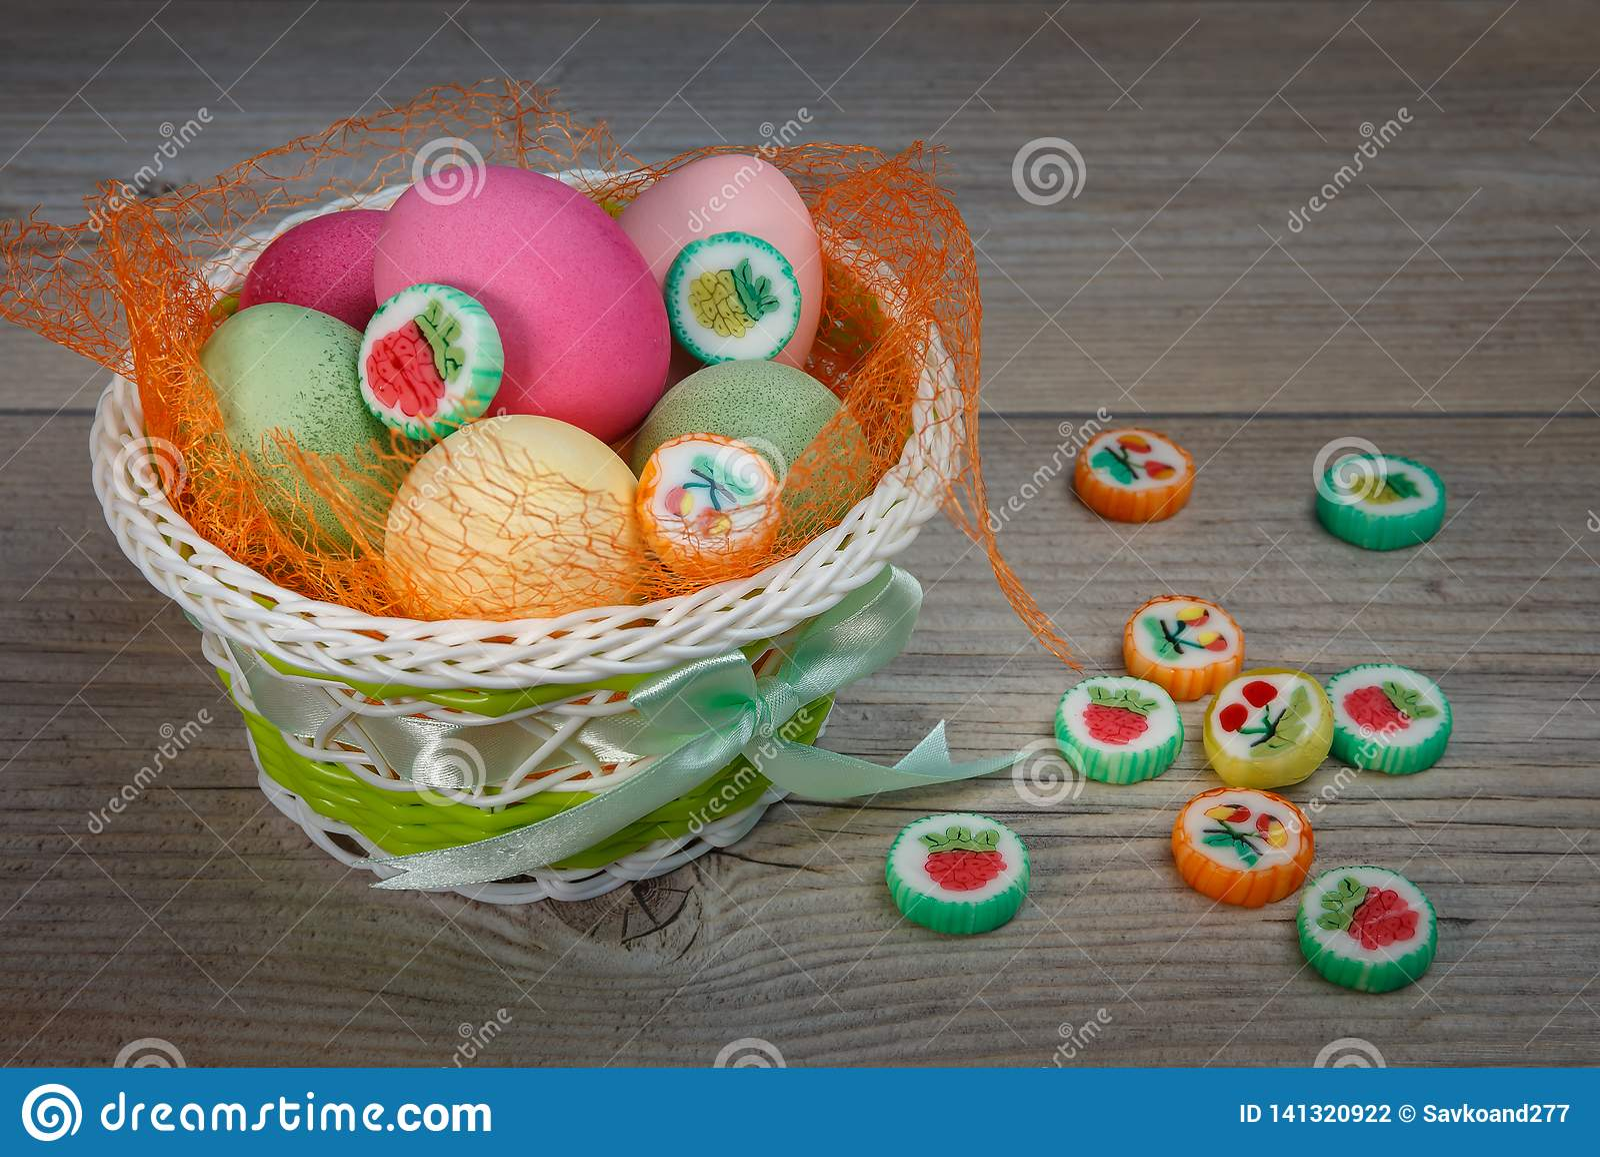 Mehrfarbige Ostereier und Bonbons in einem schönen Korb